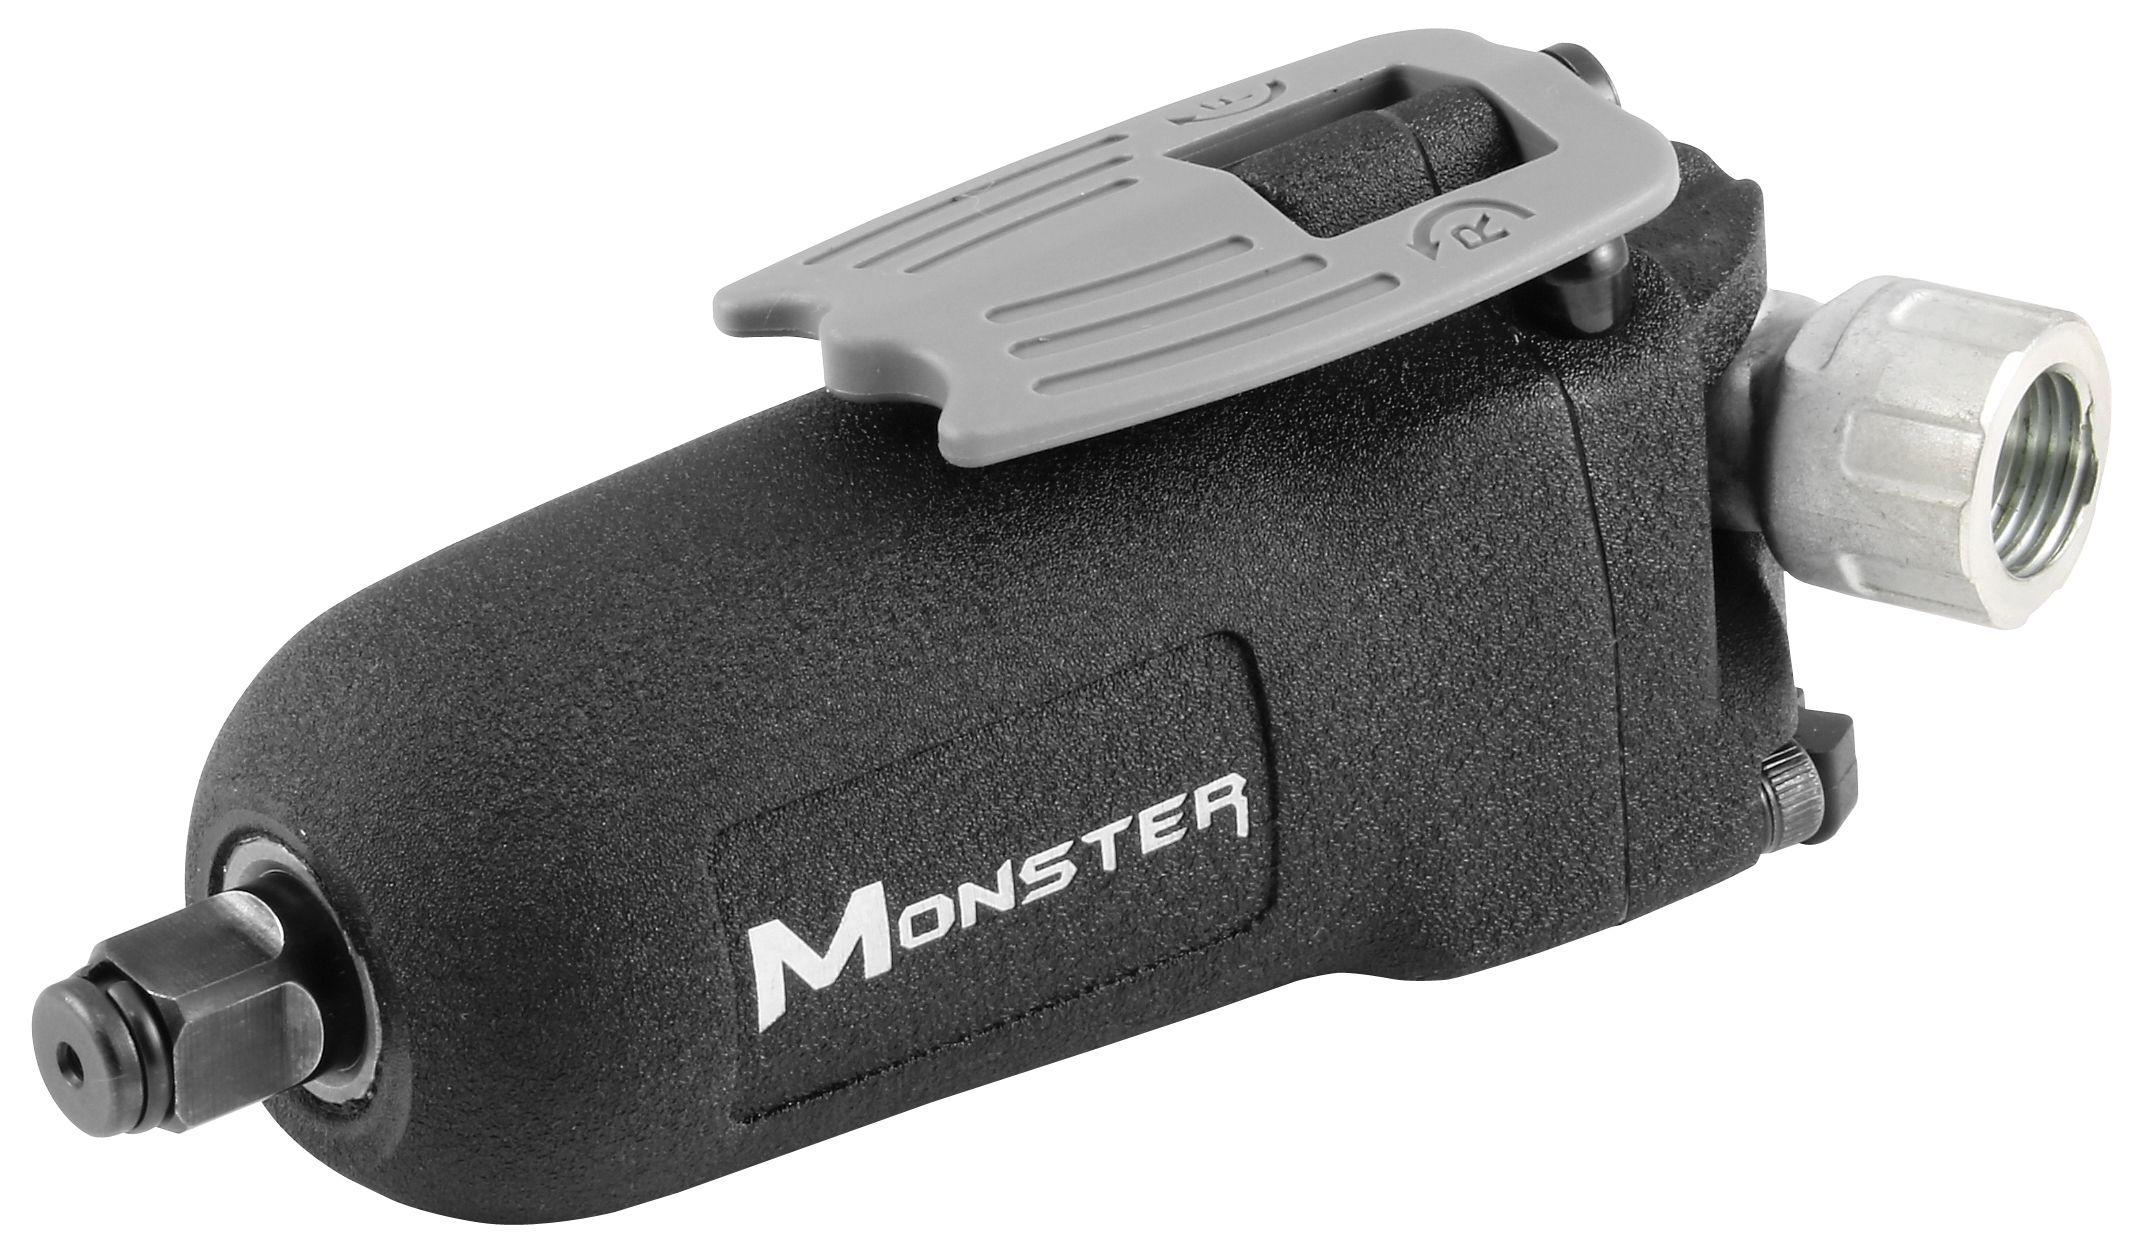 Monster brand updates mini impact wrench